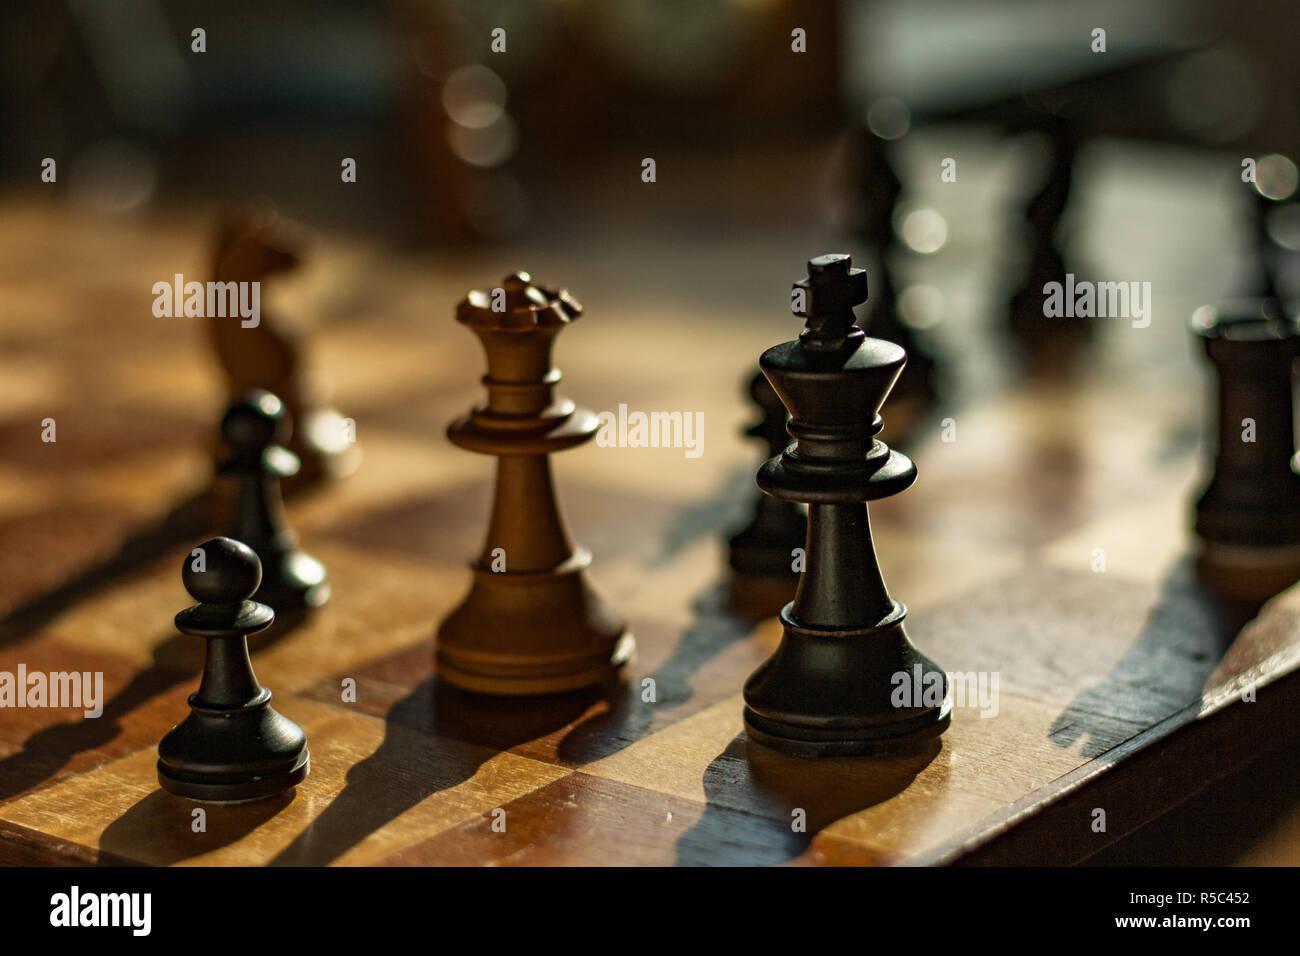 Reine et Roi: pièces d'échecs sur un conseil. La Reine blanche mates le roi noir dans un jeu d'échecs. Banque D'Images